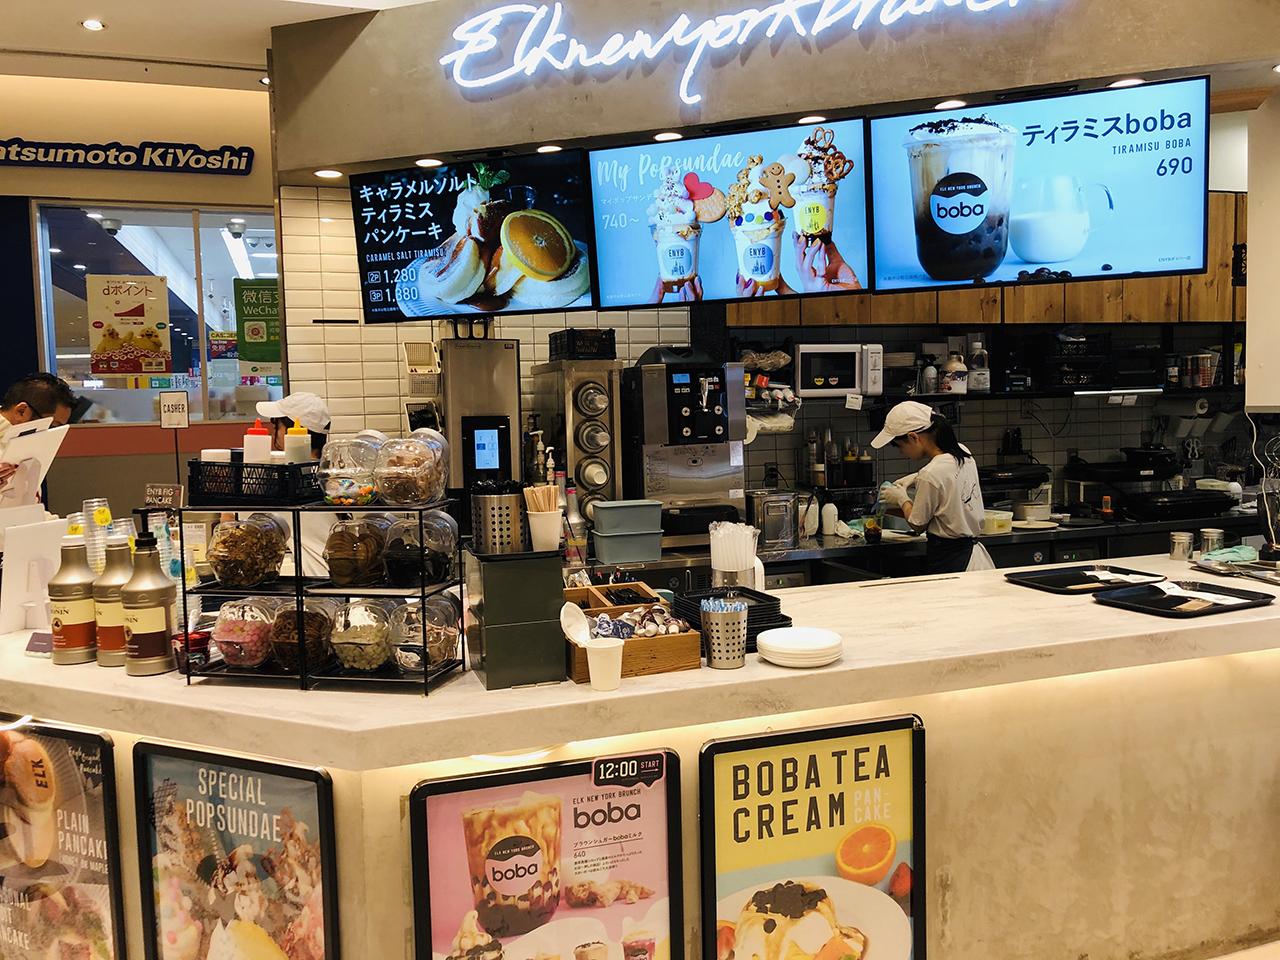 ELK NEW YORK BRUNCH ダイバーシティ東京店の画像